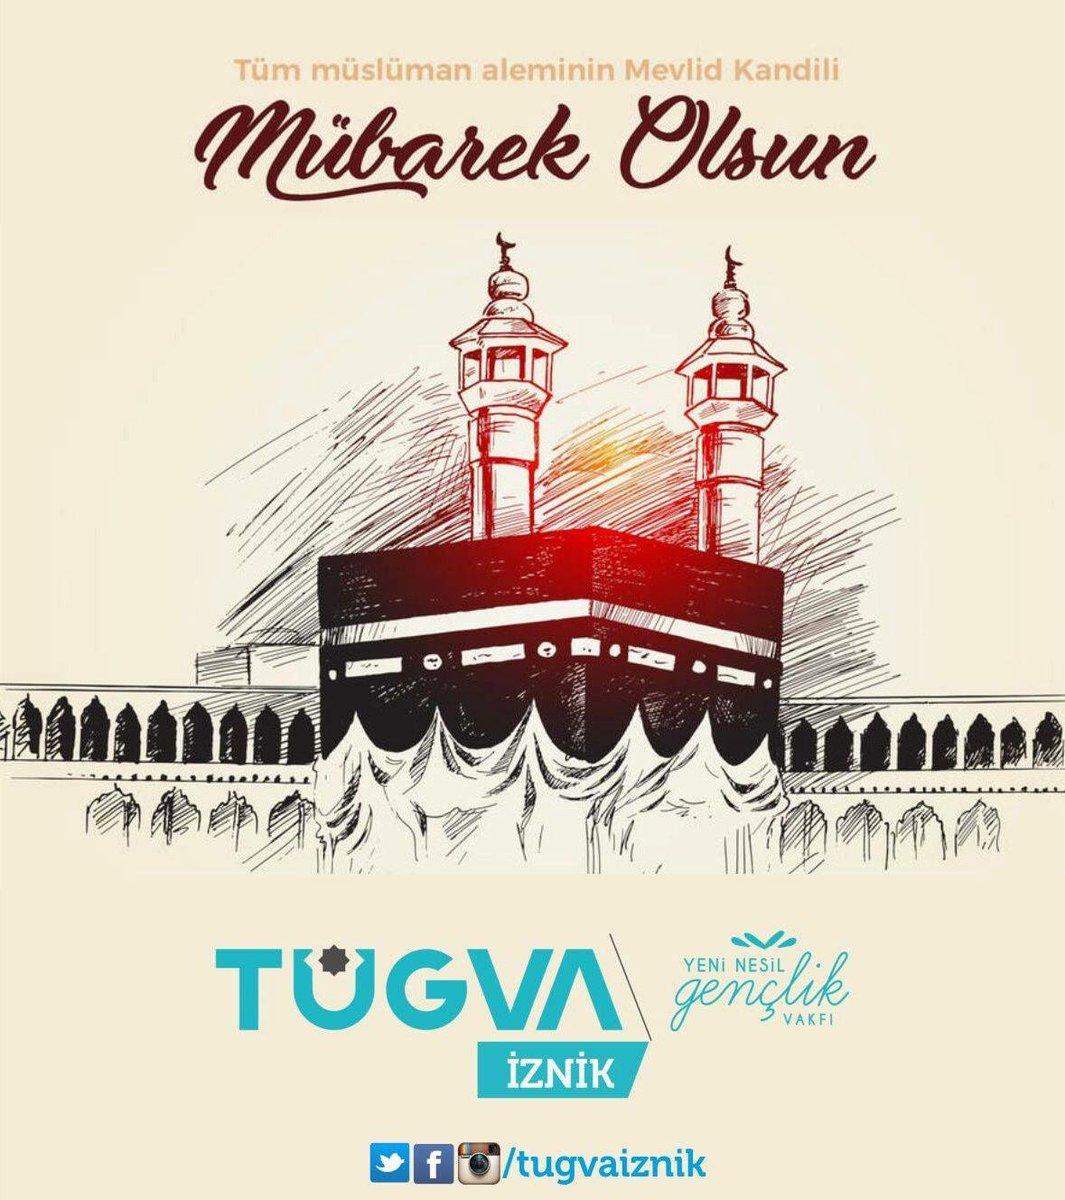 Привет любовные, картинки на пятницу мусульманские на татарском